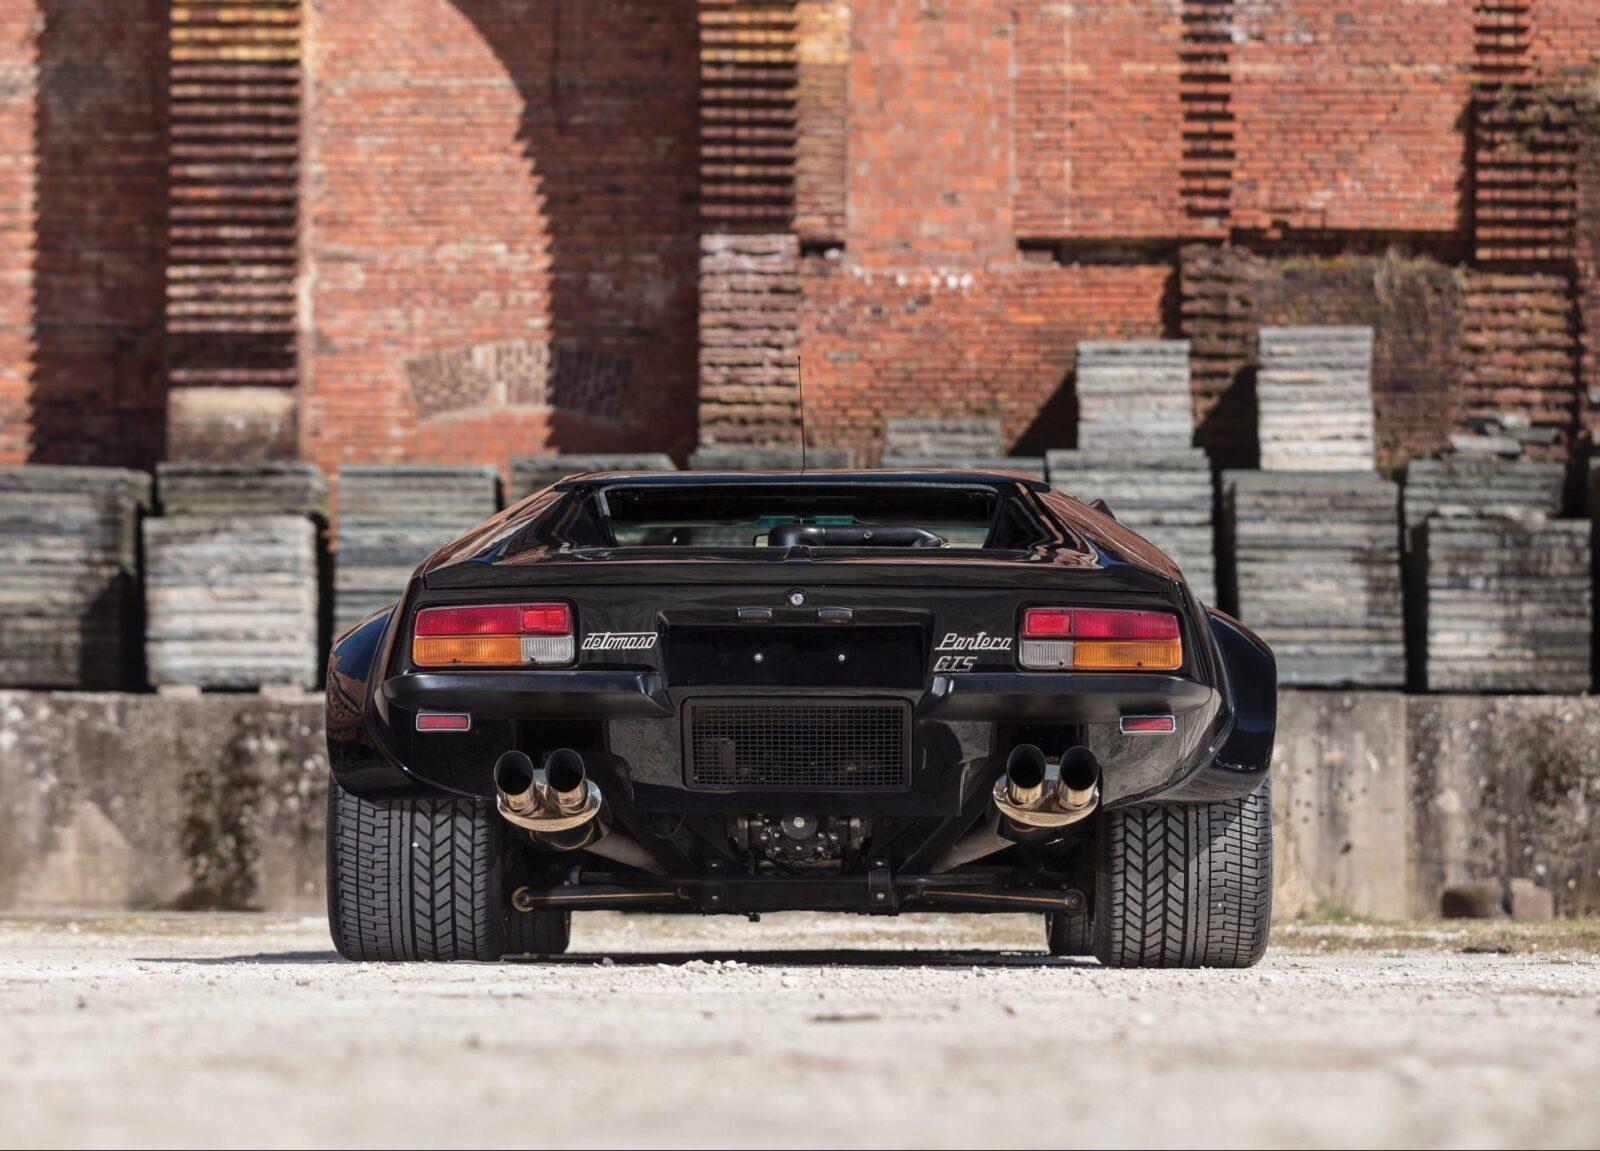 De Tomaso Pantera GT5 Back